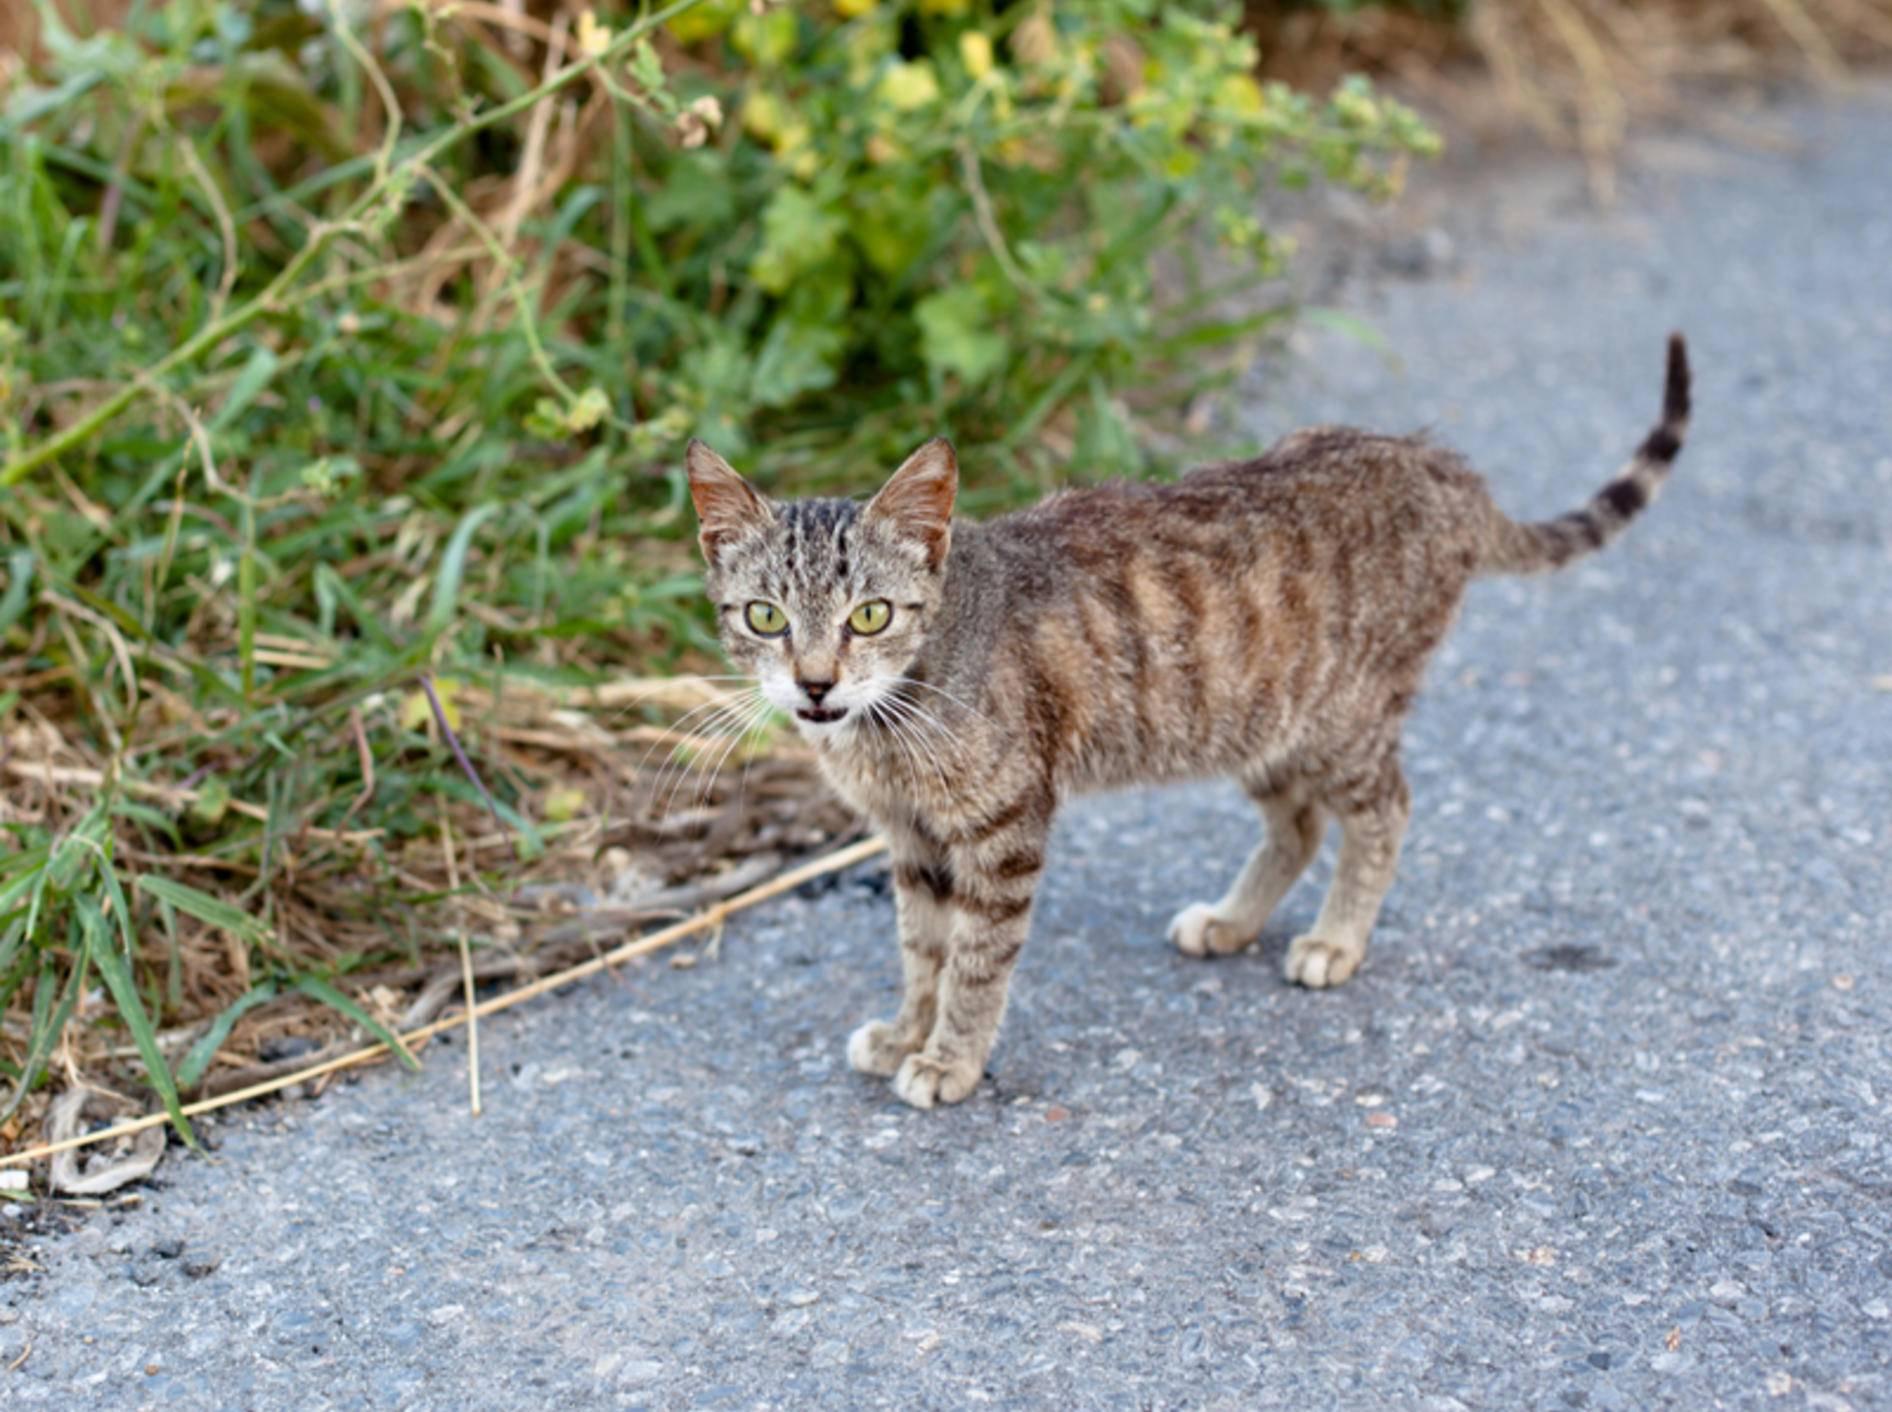 Behandlung von giardien bei katzen. Information: Giardien